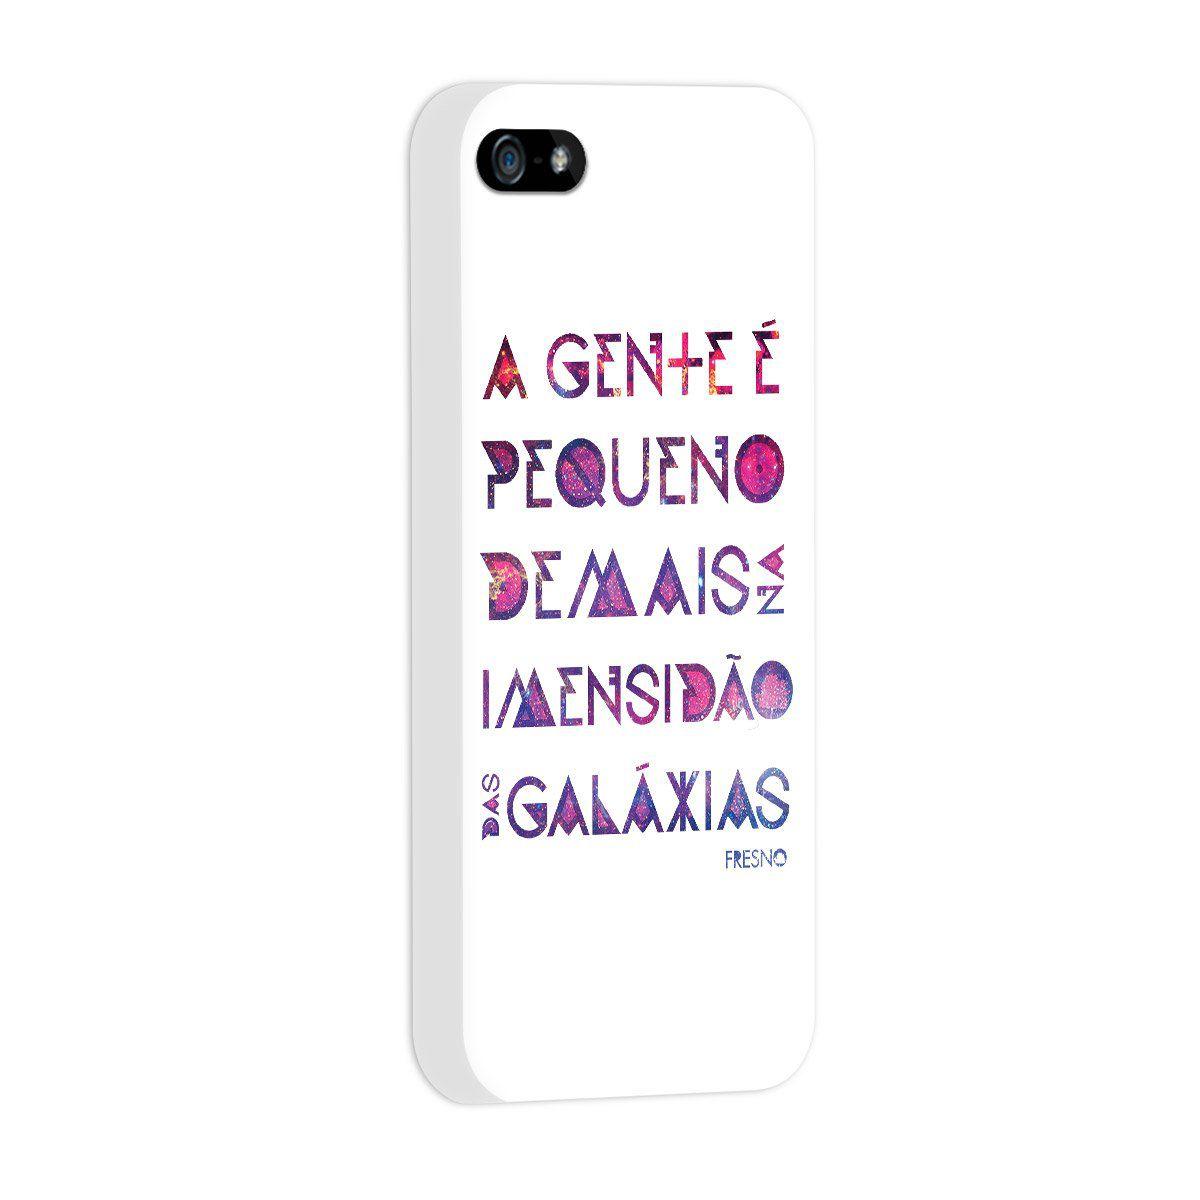 Capa de iPhone 5/5S Fresno - Galáxias